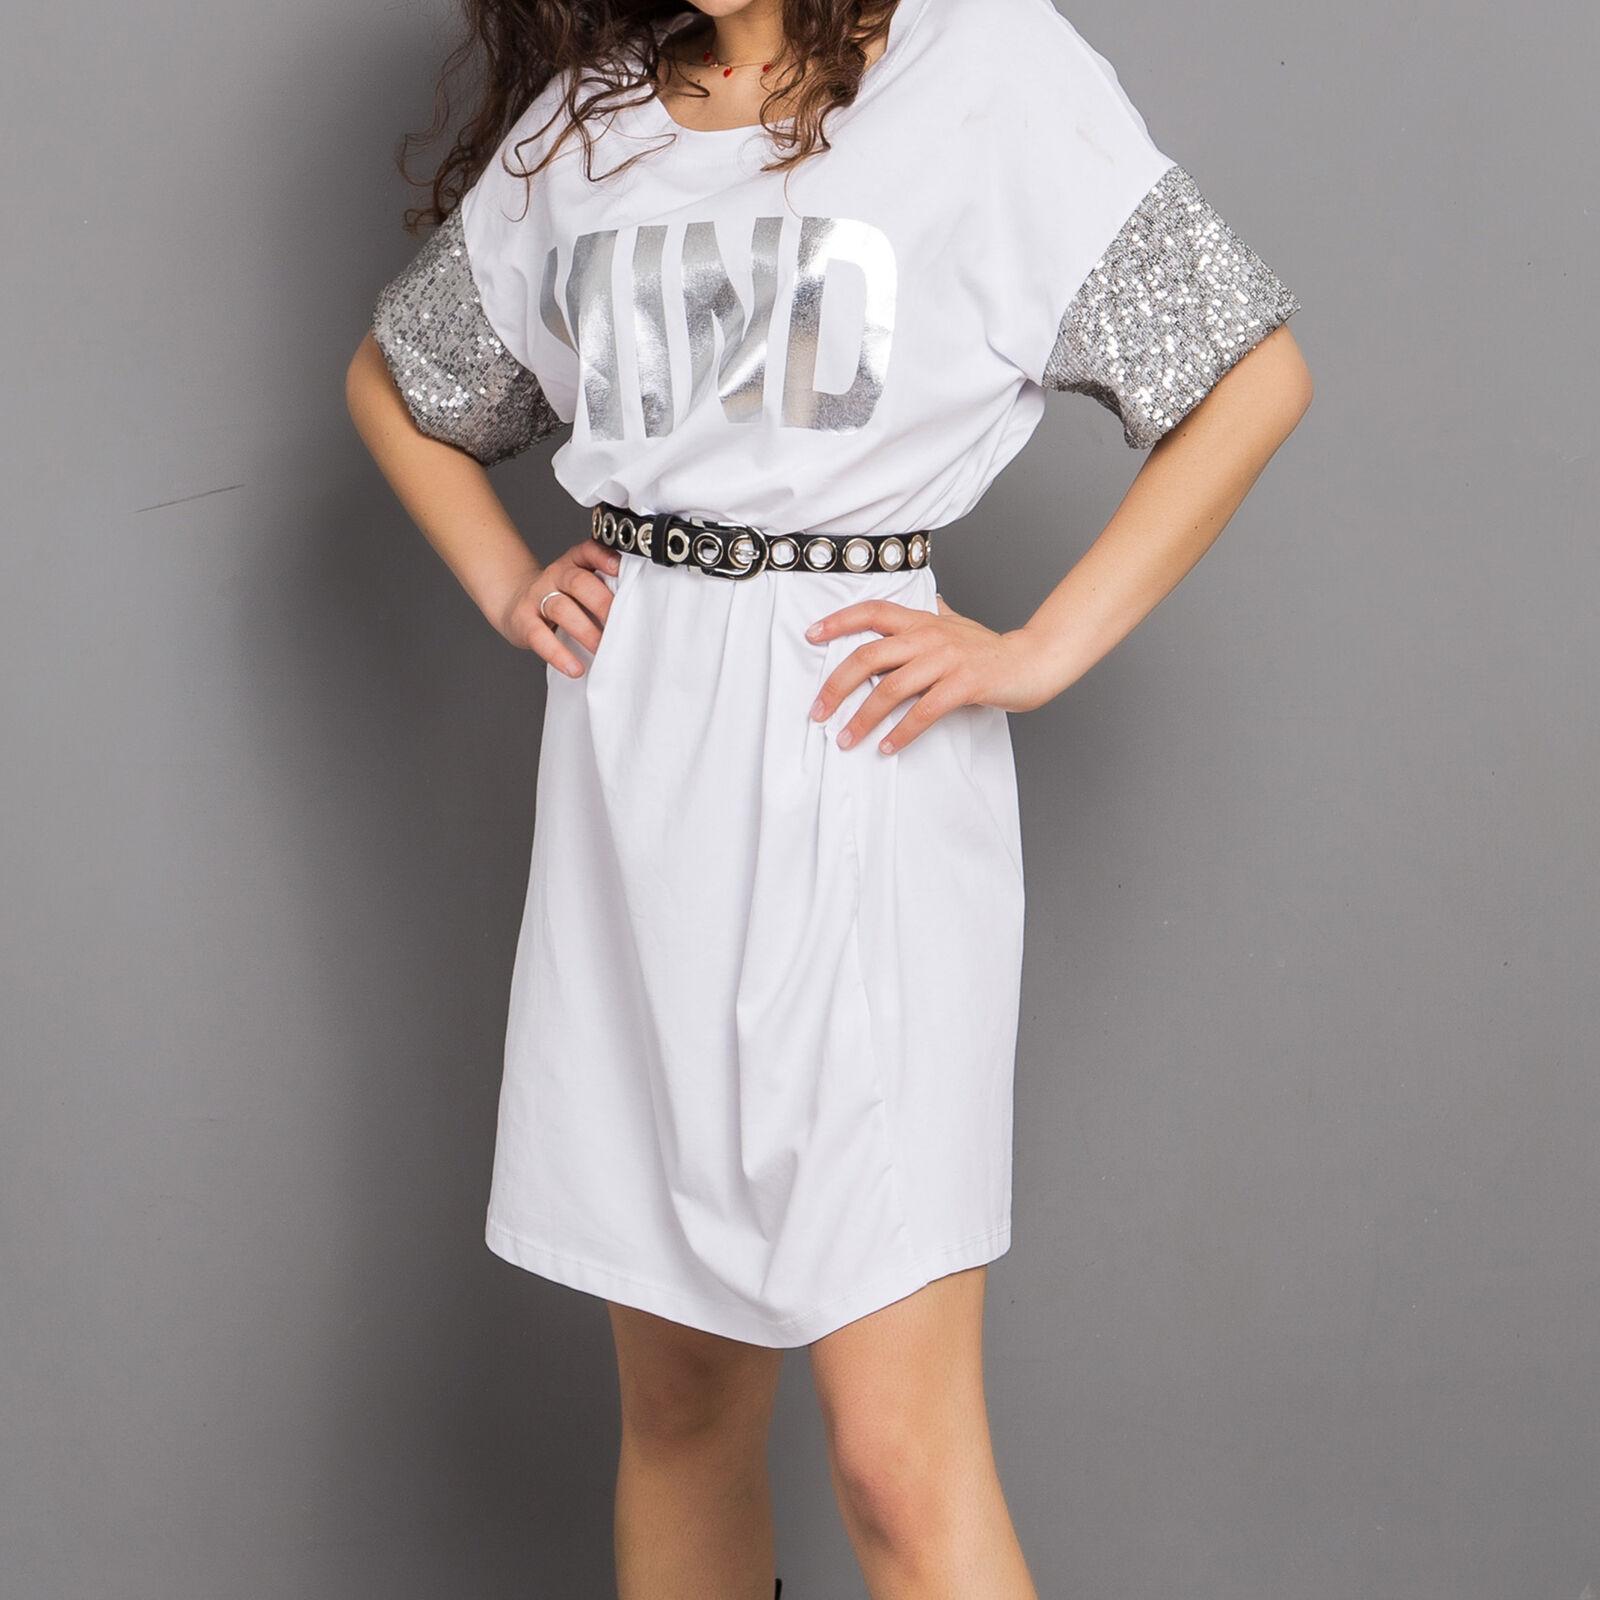 9a9ca781ebfb Maxi maglia vestito mini donna tunica cotone manica corta girocollo moda  8851858.